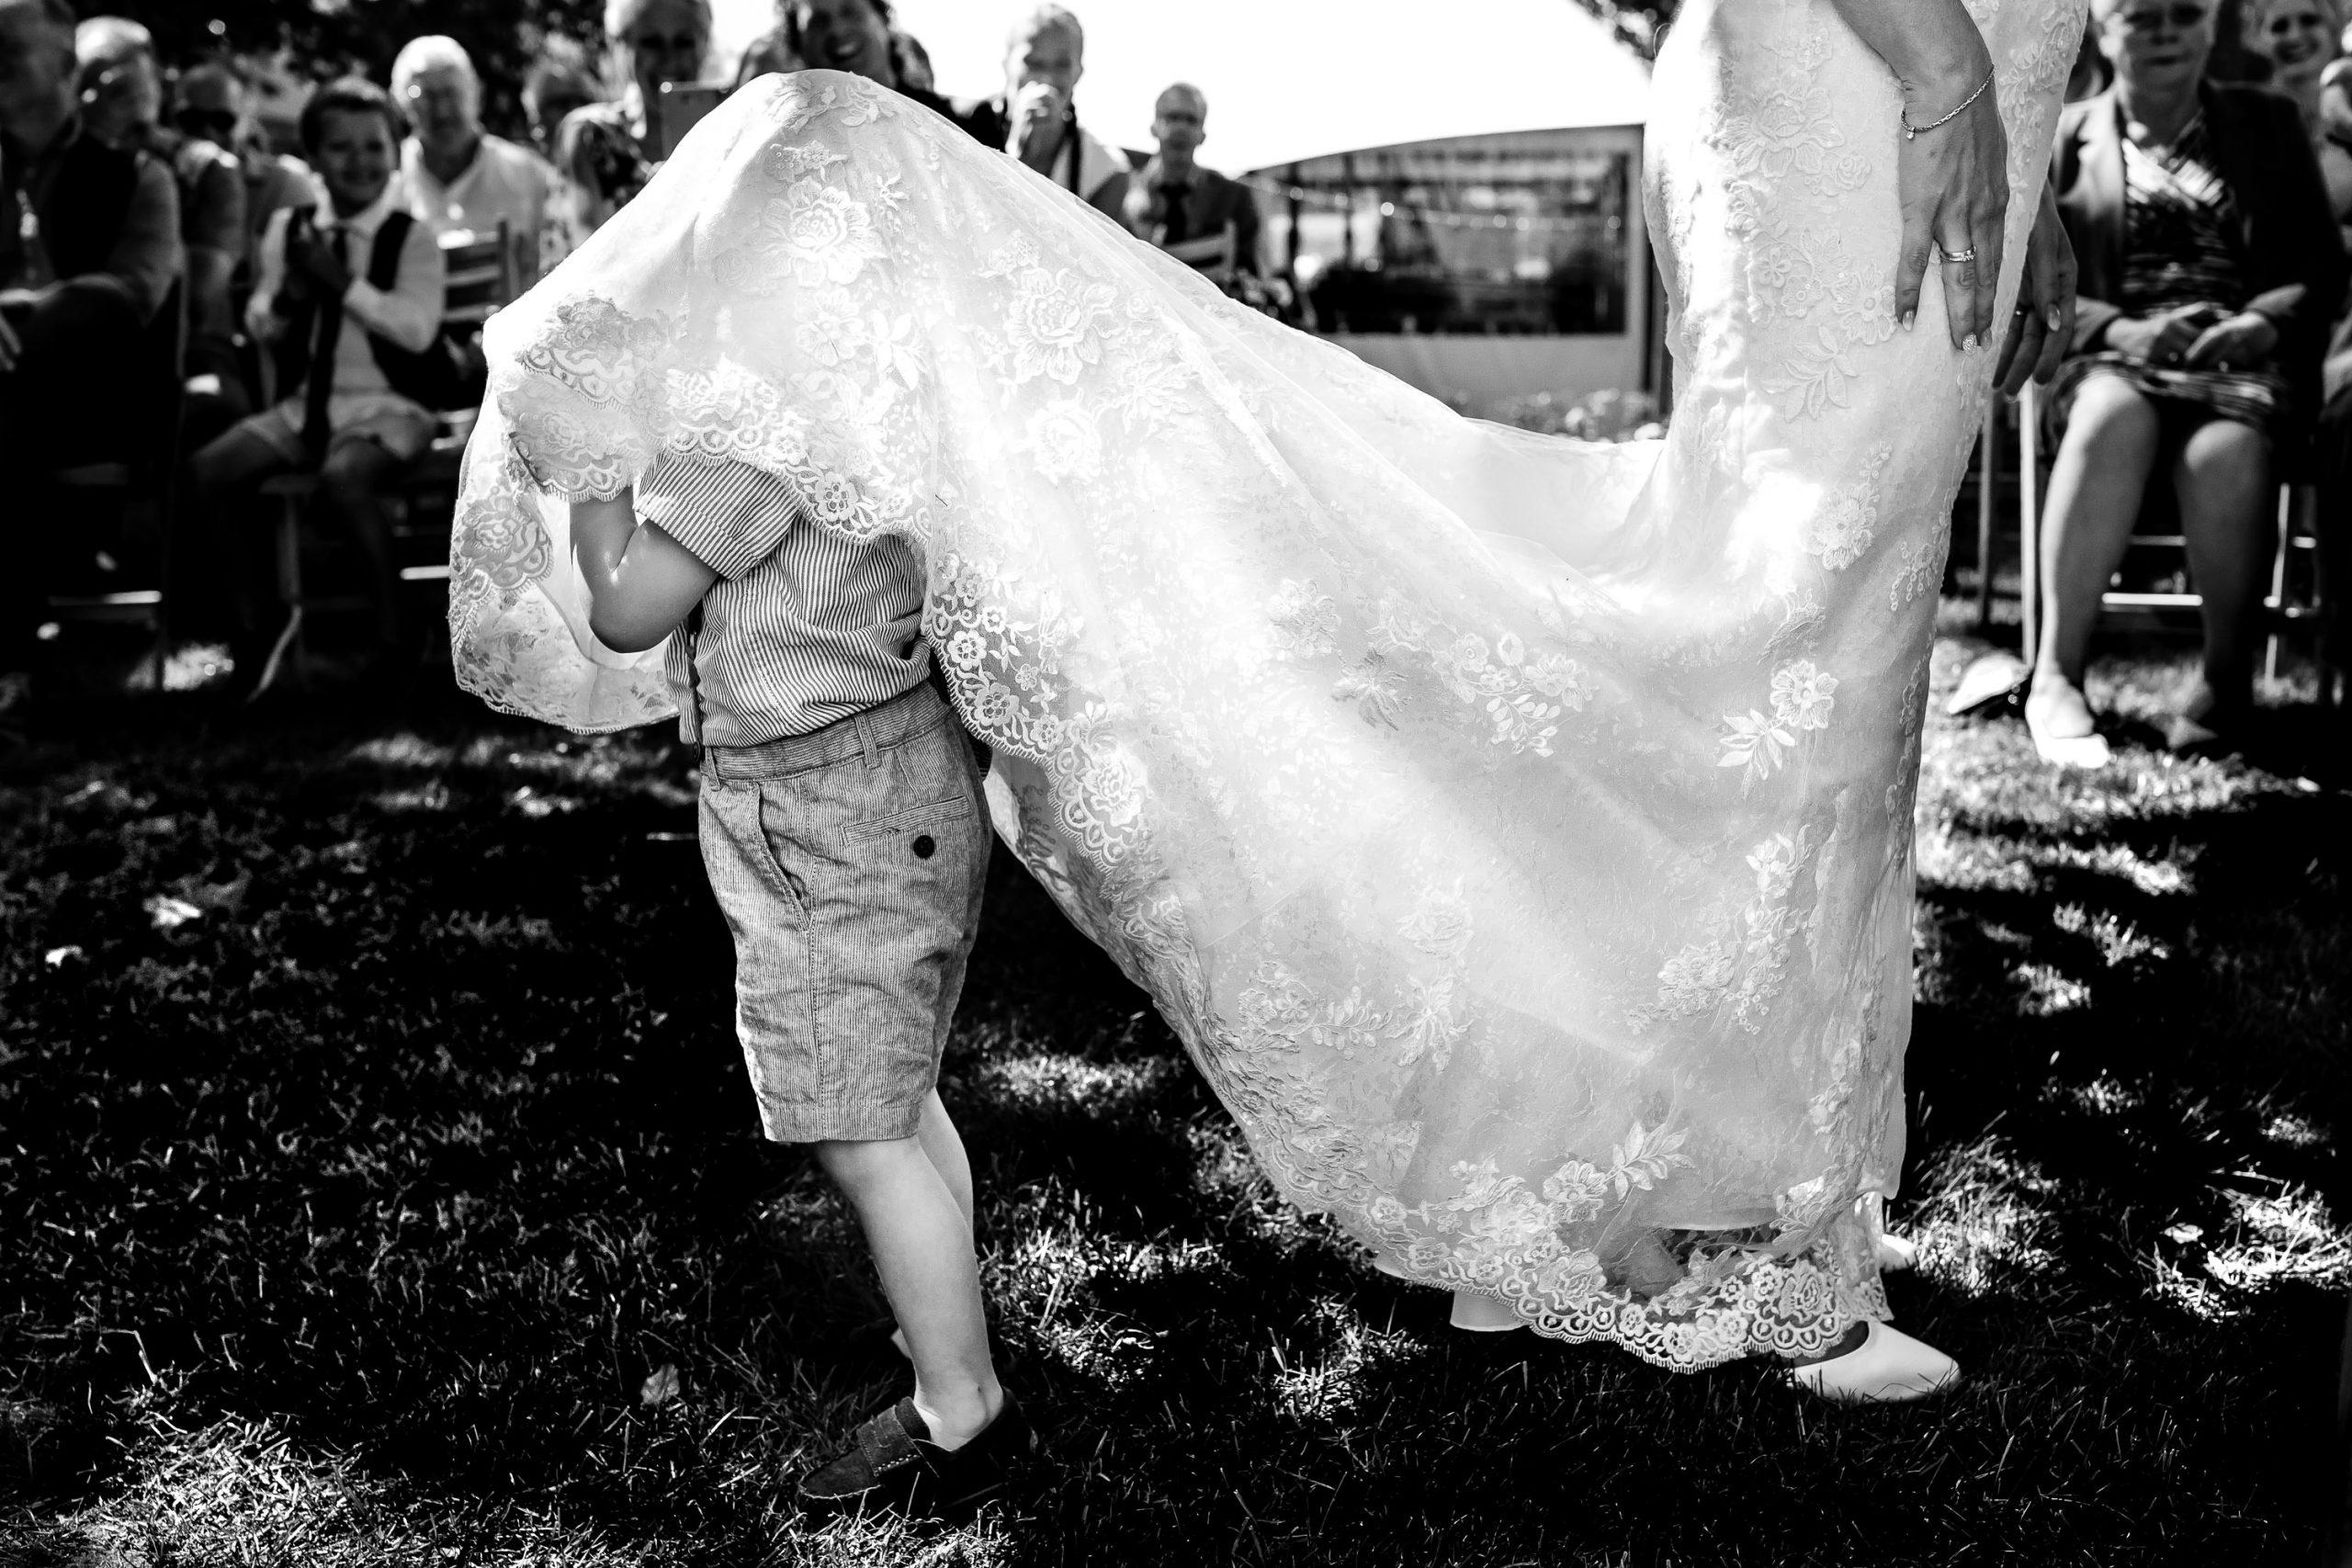 Zwart wit foto van klein jongetje dat zich verstopt onder de trouwjurk van de bruid